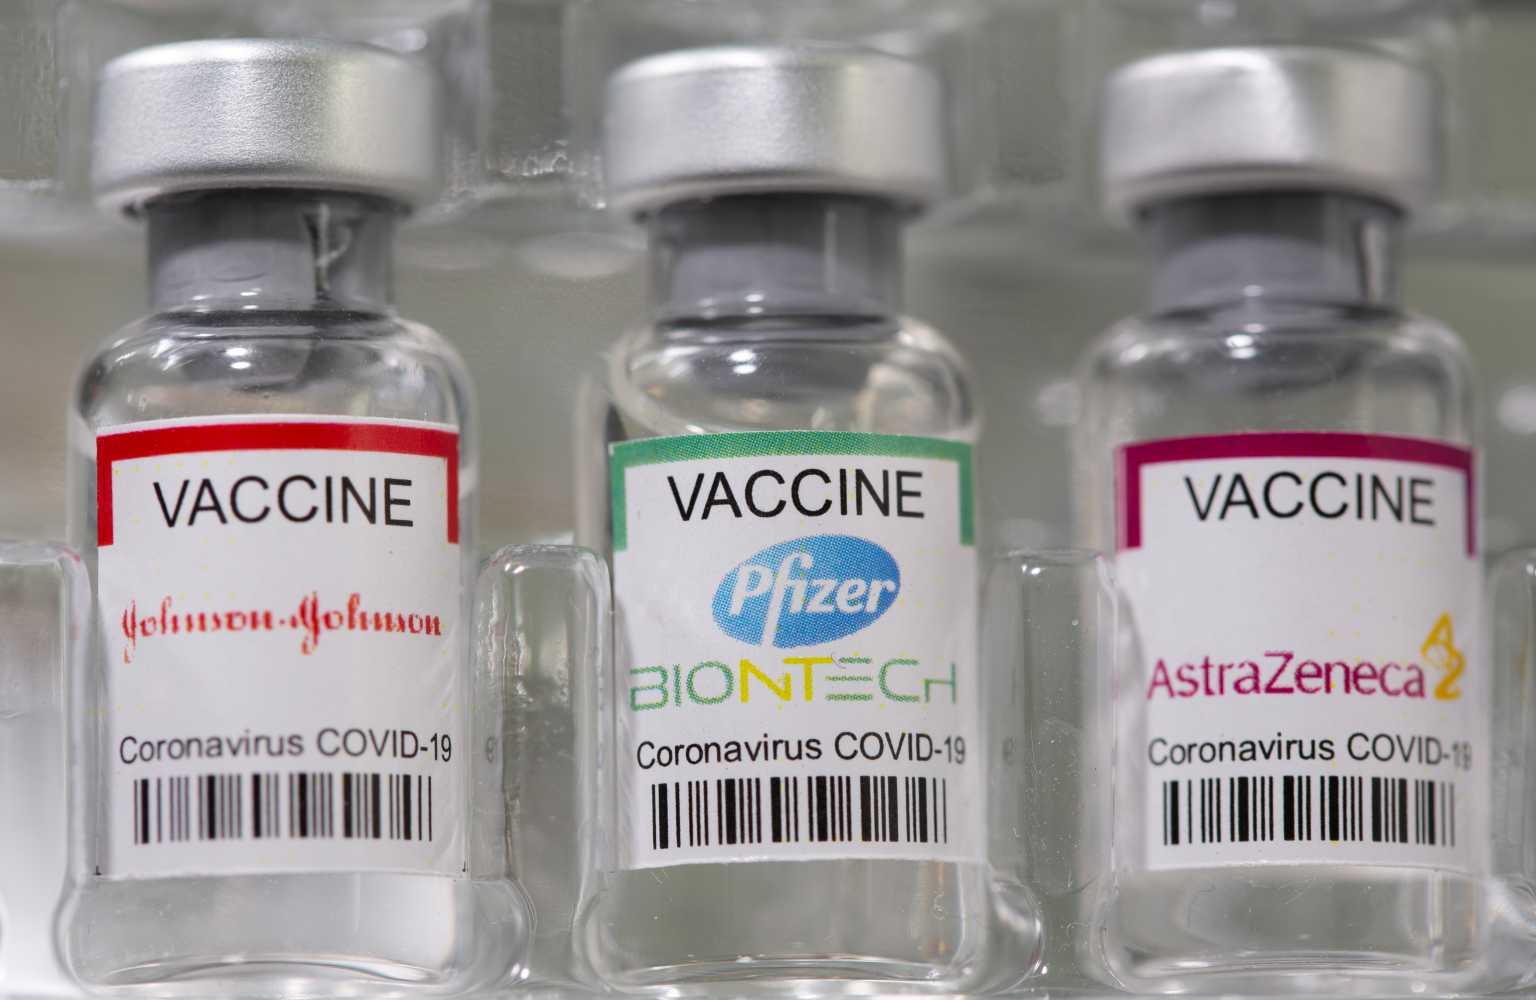 Ευρώπη και εμβόλια: Πόσο επιφυλακτικοί είναι οι πολίτες; Η θέση της Ελλάδας